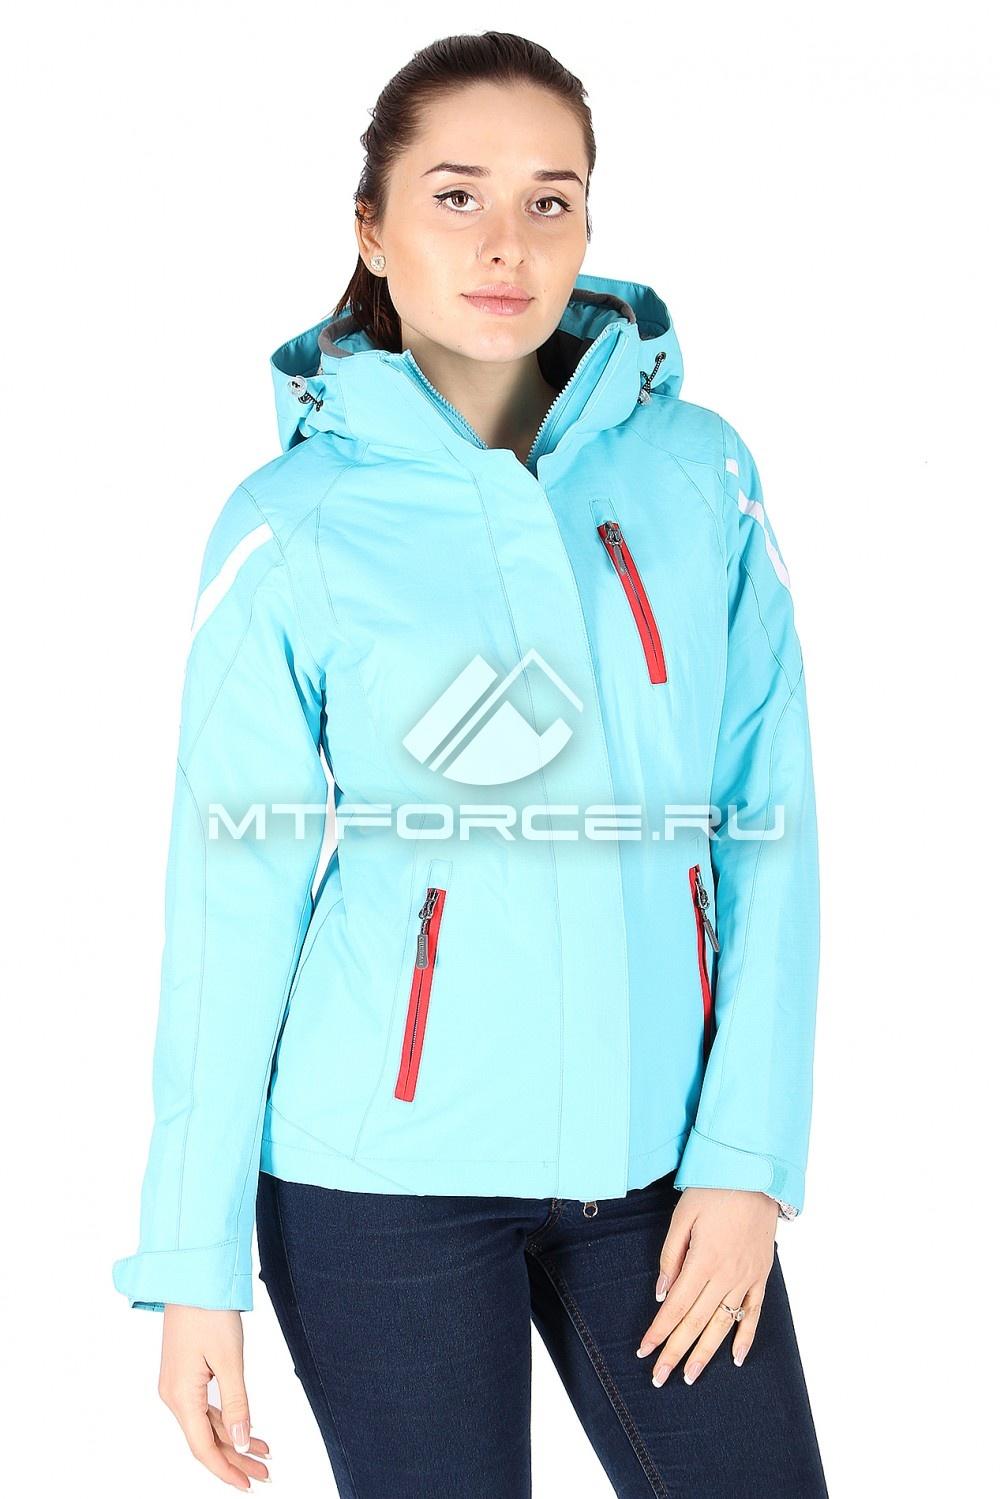 Купить                                  оптом Куртка спортивная женская весна голубого цвета 930Gl